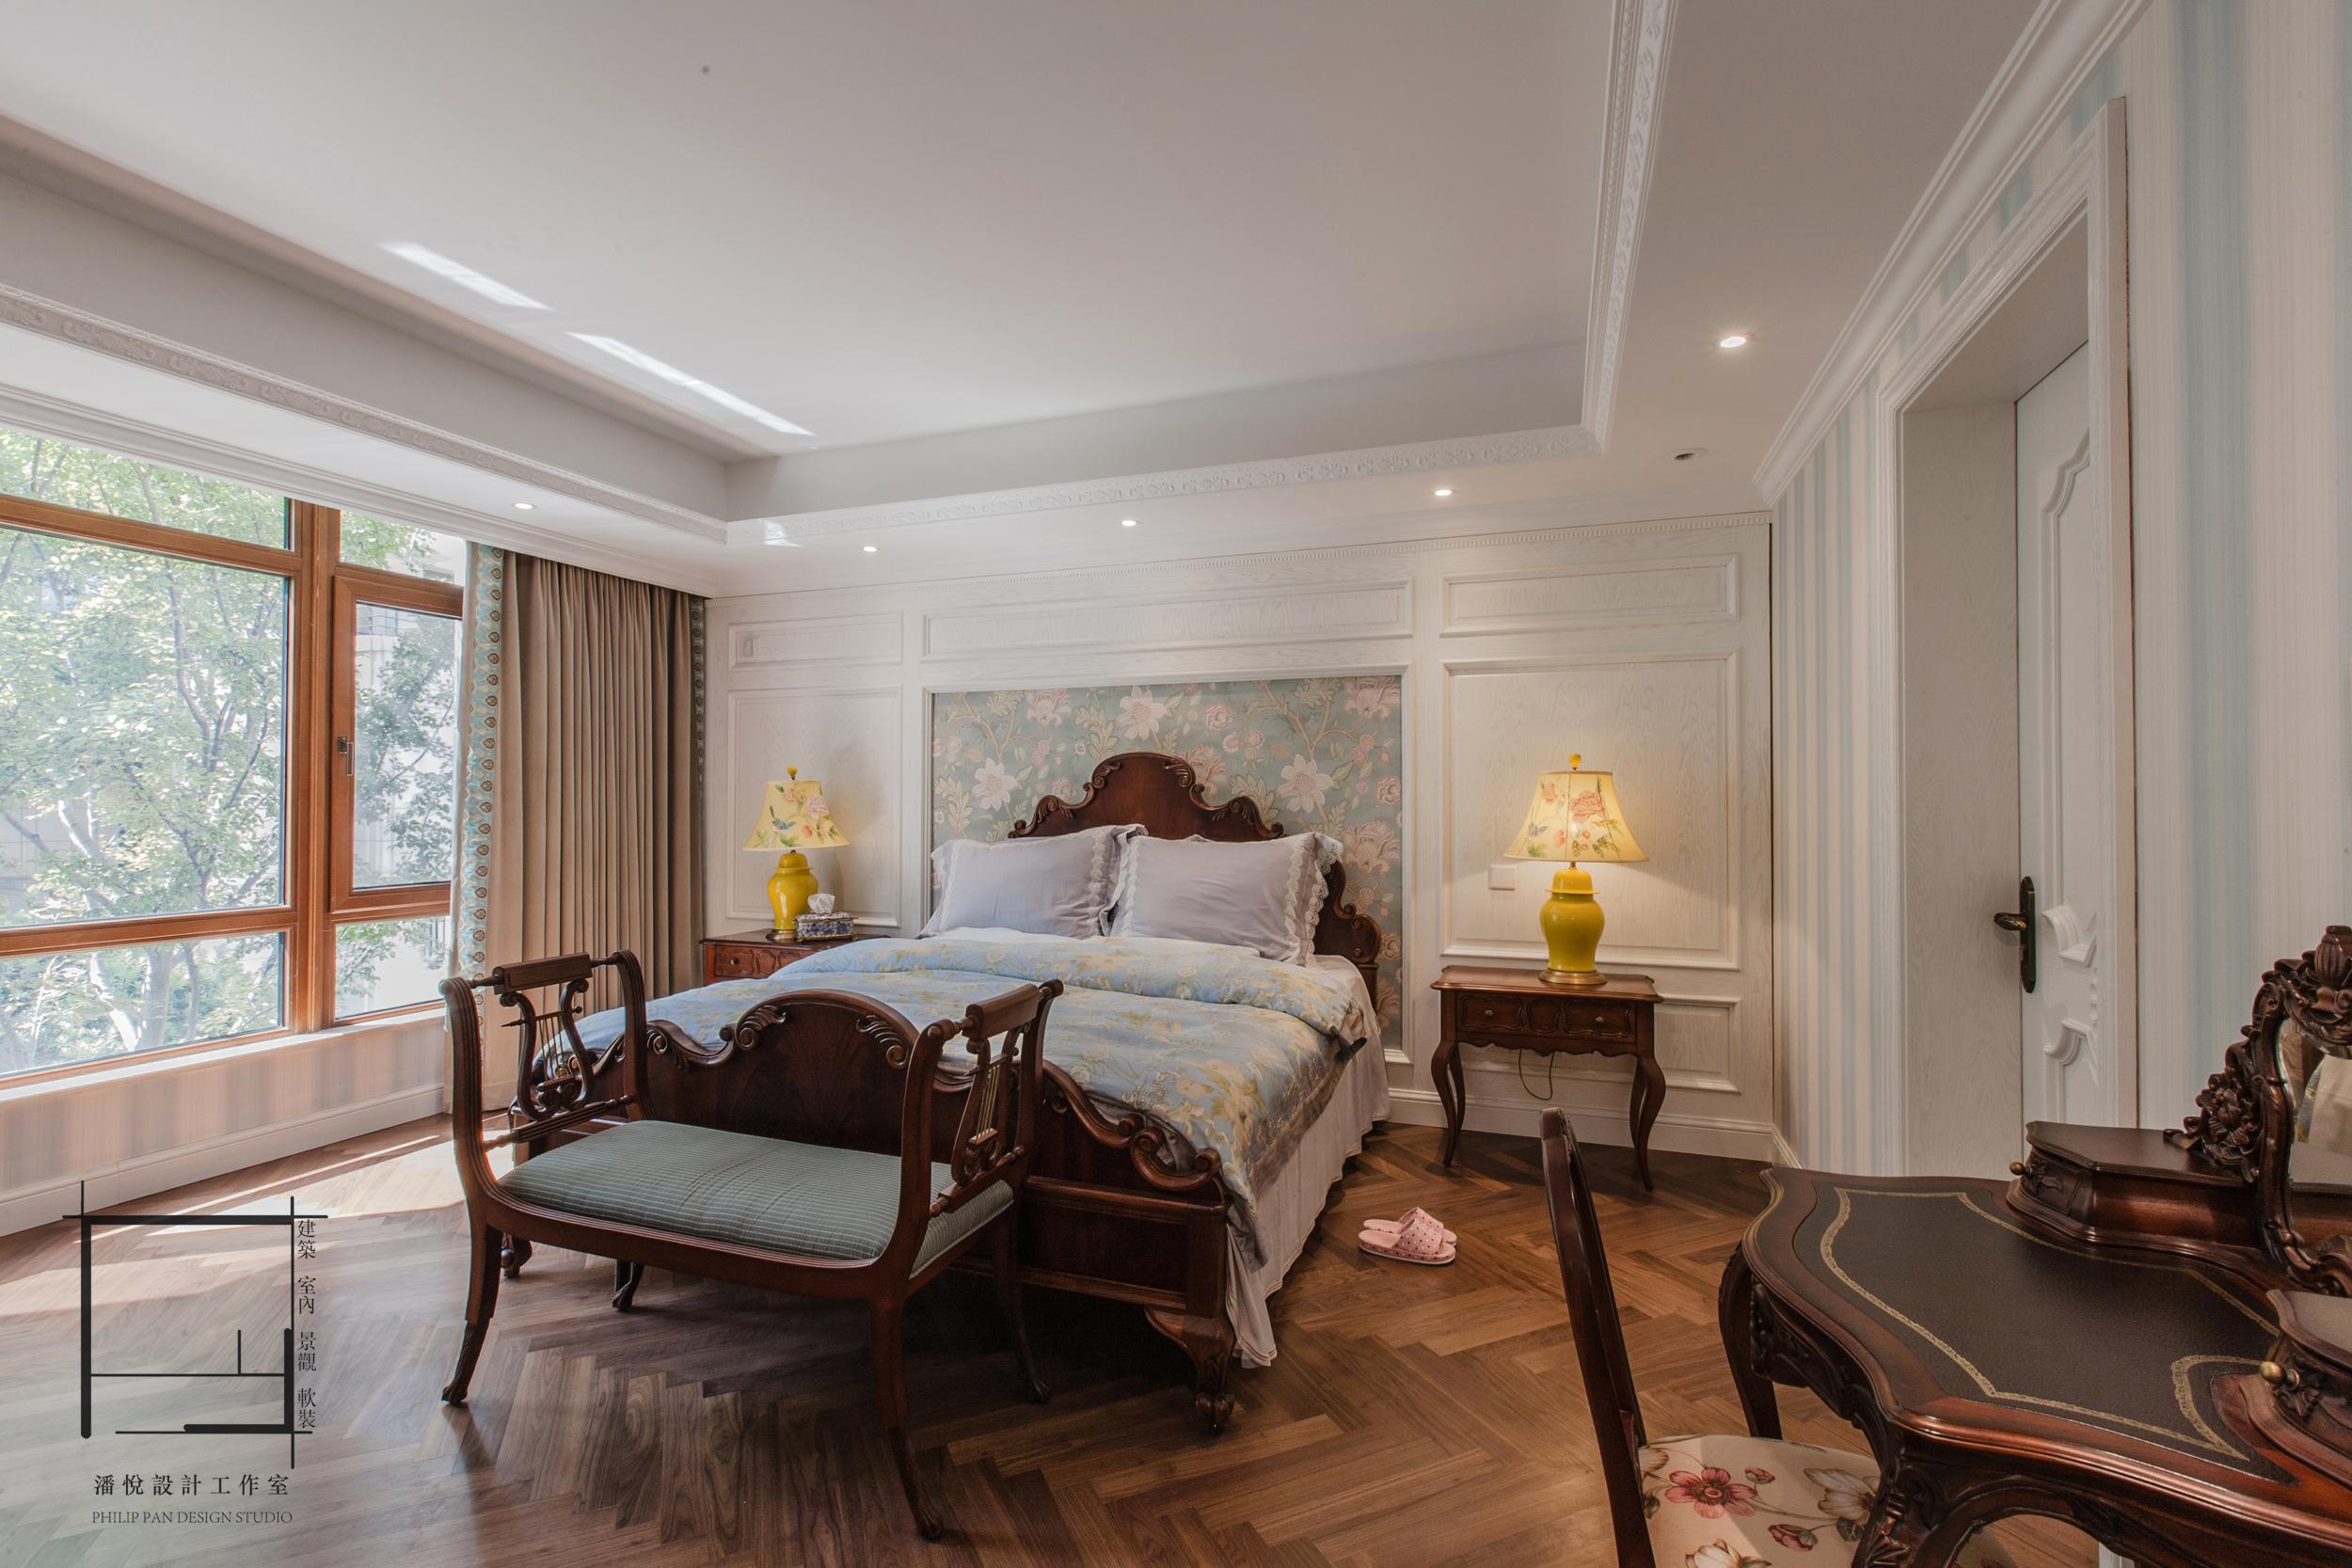 欧式 混搭 80后 小资 主卧室图片来自潘悦设计事务所在品味·歐風-上海復地香梔花園的分享